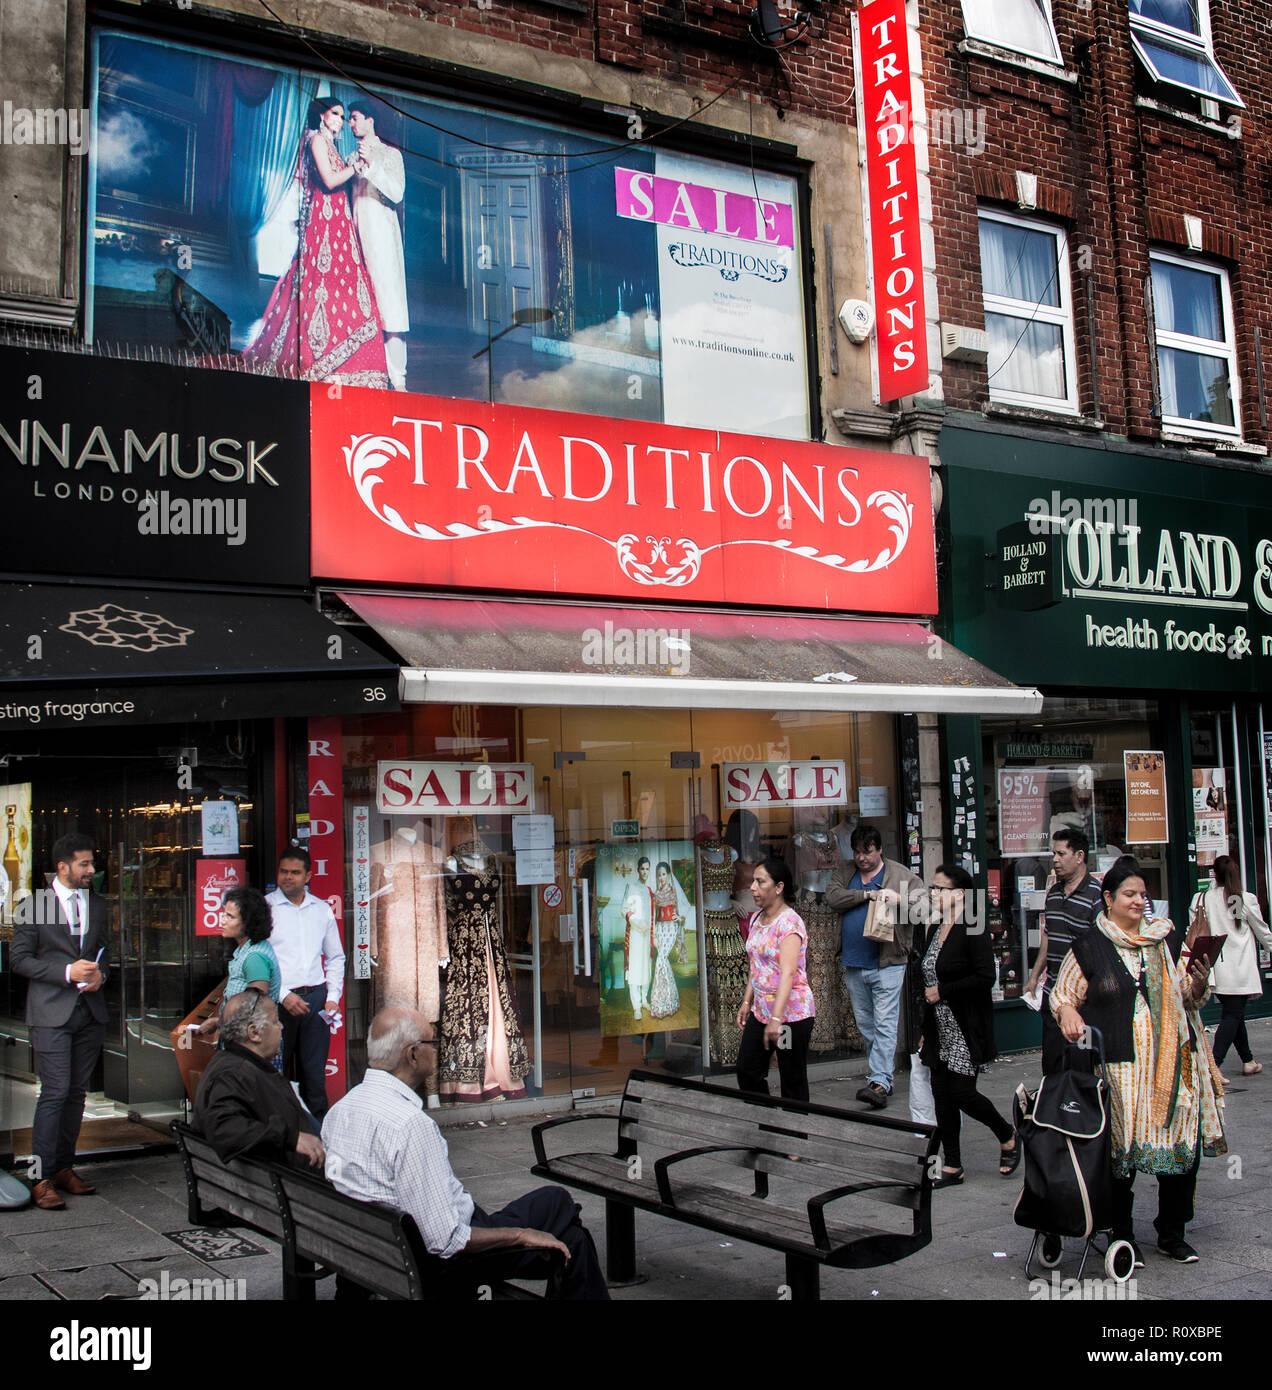 Escena de una calle fuera de la tienda de ropa tradiciones,Southall Broadway London Imagen De Stock